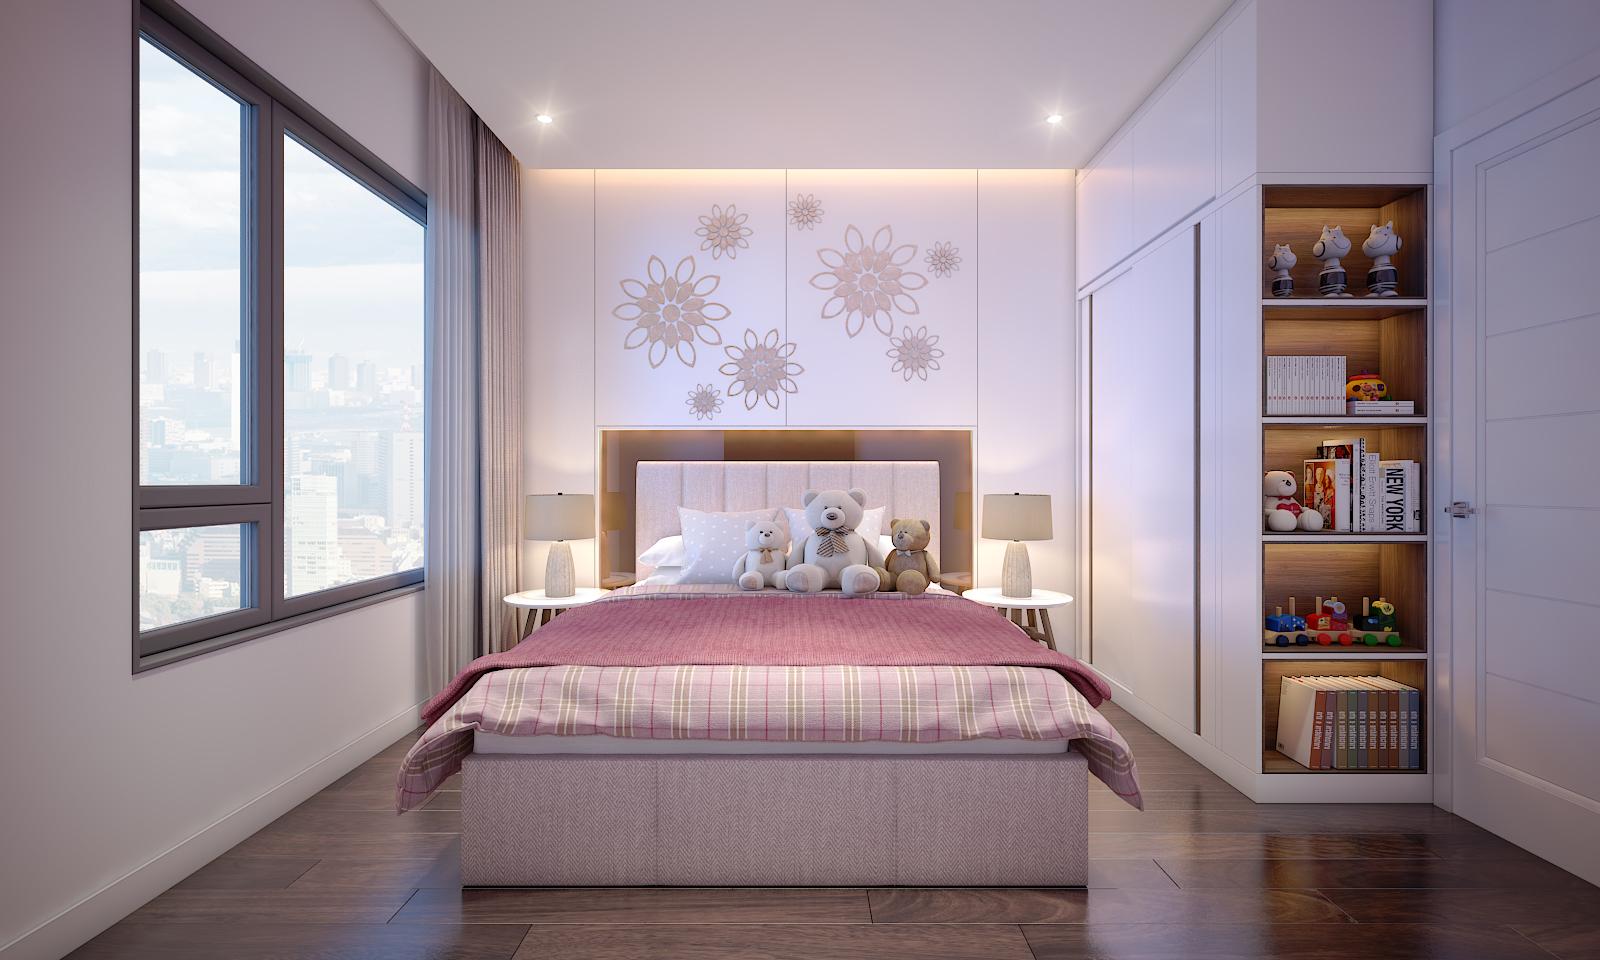 Phòng Ngủ nhỏ được gợi ý bố trí theo tông màu trẻ trung phù hợp với những đứa trẻ đáng yêu trong gia đình bạn - Khang Điền HCM